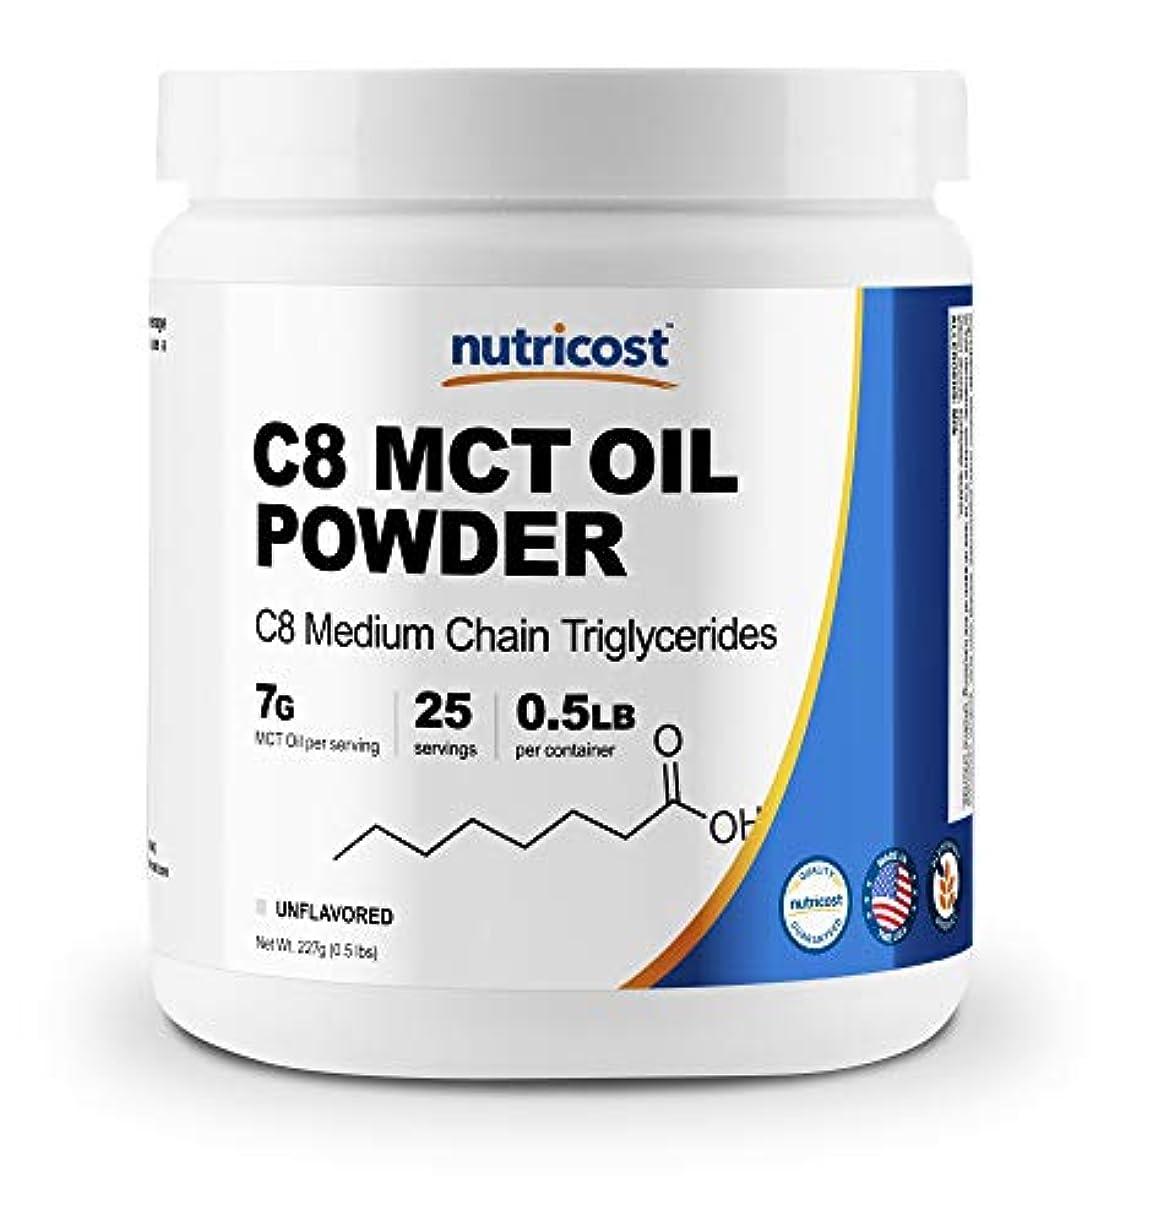 エール百年どんよりしたNutricost C8 MCTオイル パウダー 0.5LB (ノンフレーバー味)、C8(95%)、非GMO、グルテンフリー